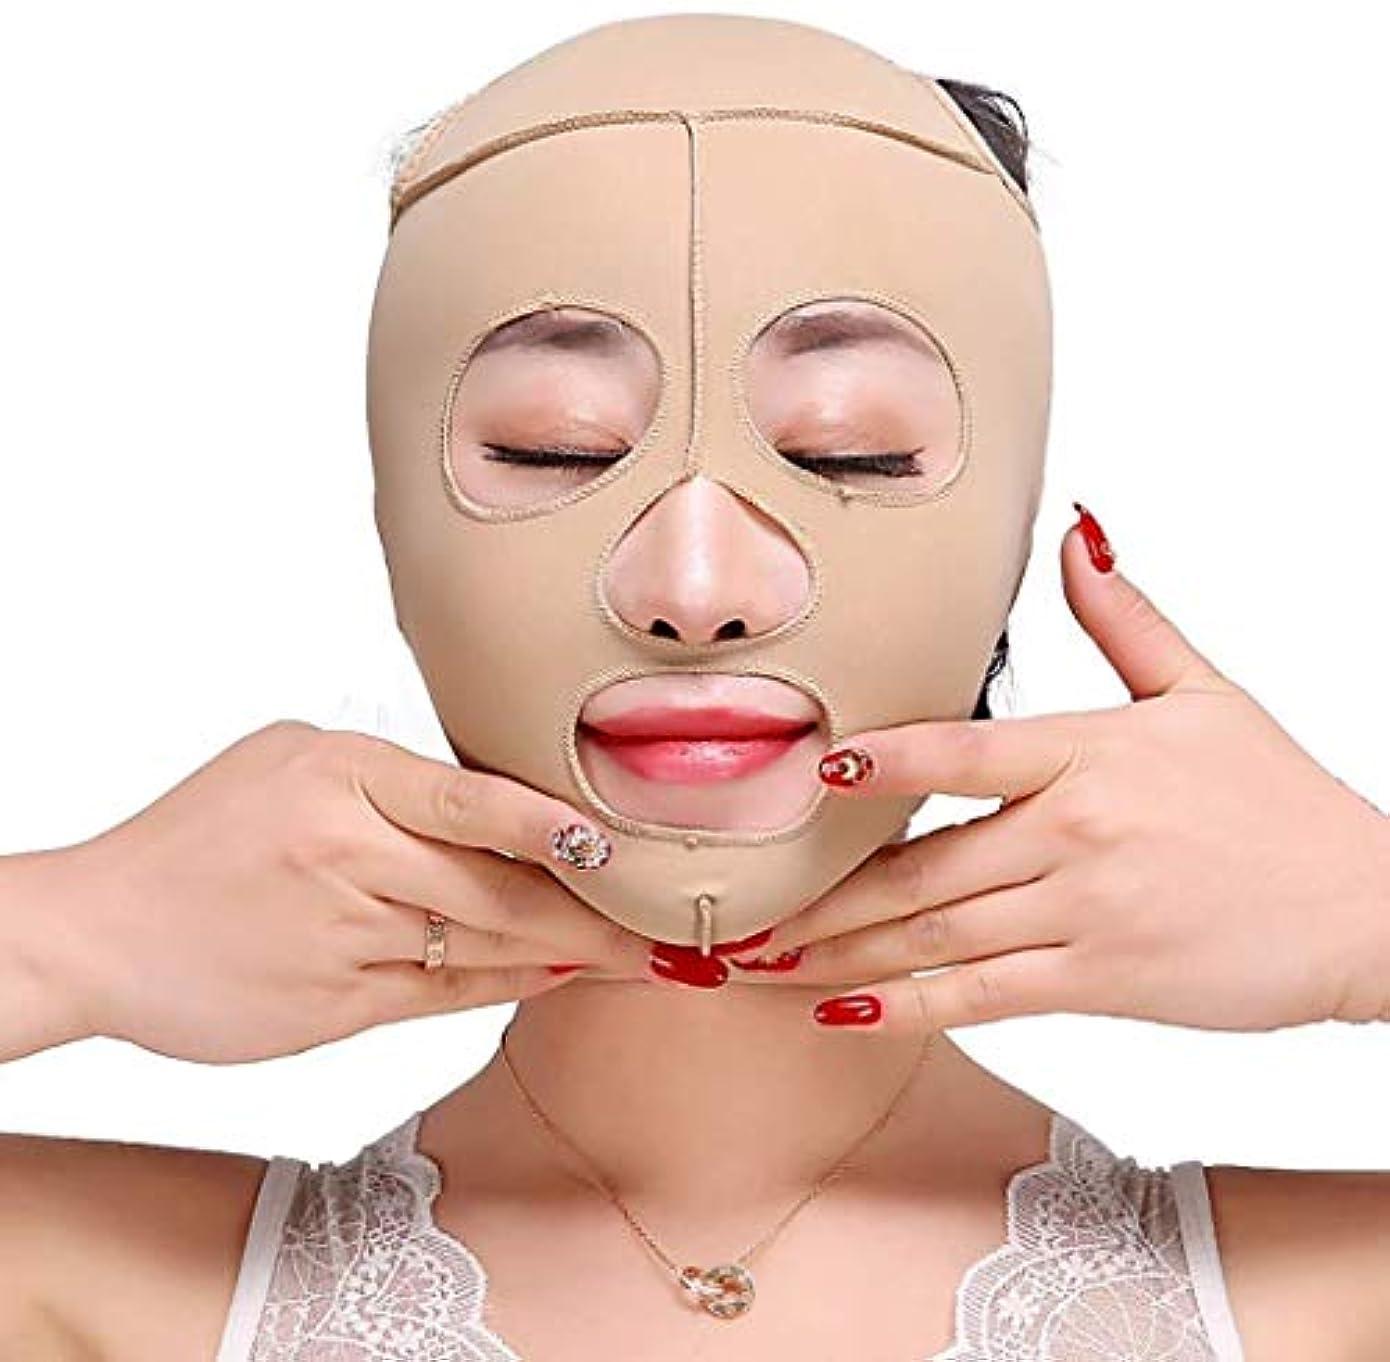 美容と実用的なファーミングフェイスマスク、スリミングベルトフェイスリフティングバンデージスモールVフェイスマスクフェイスリフティングフェイスマスクバンデージリフティングファーミングVフェイスビューティーフェイスマスクスモールフェイスバンデージヘッドギア...